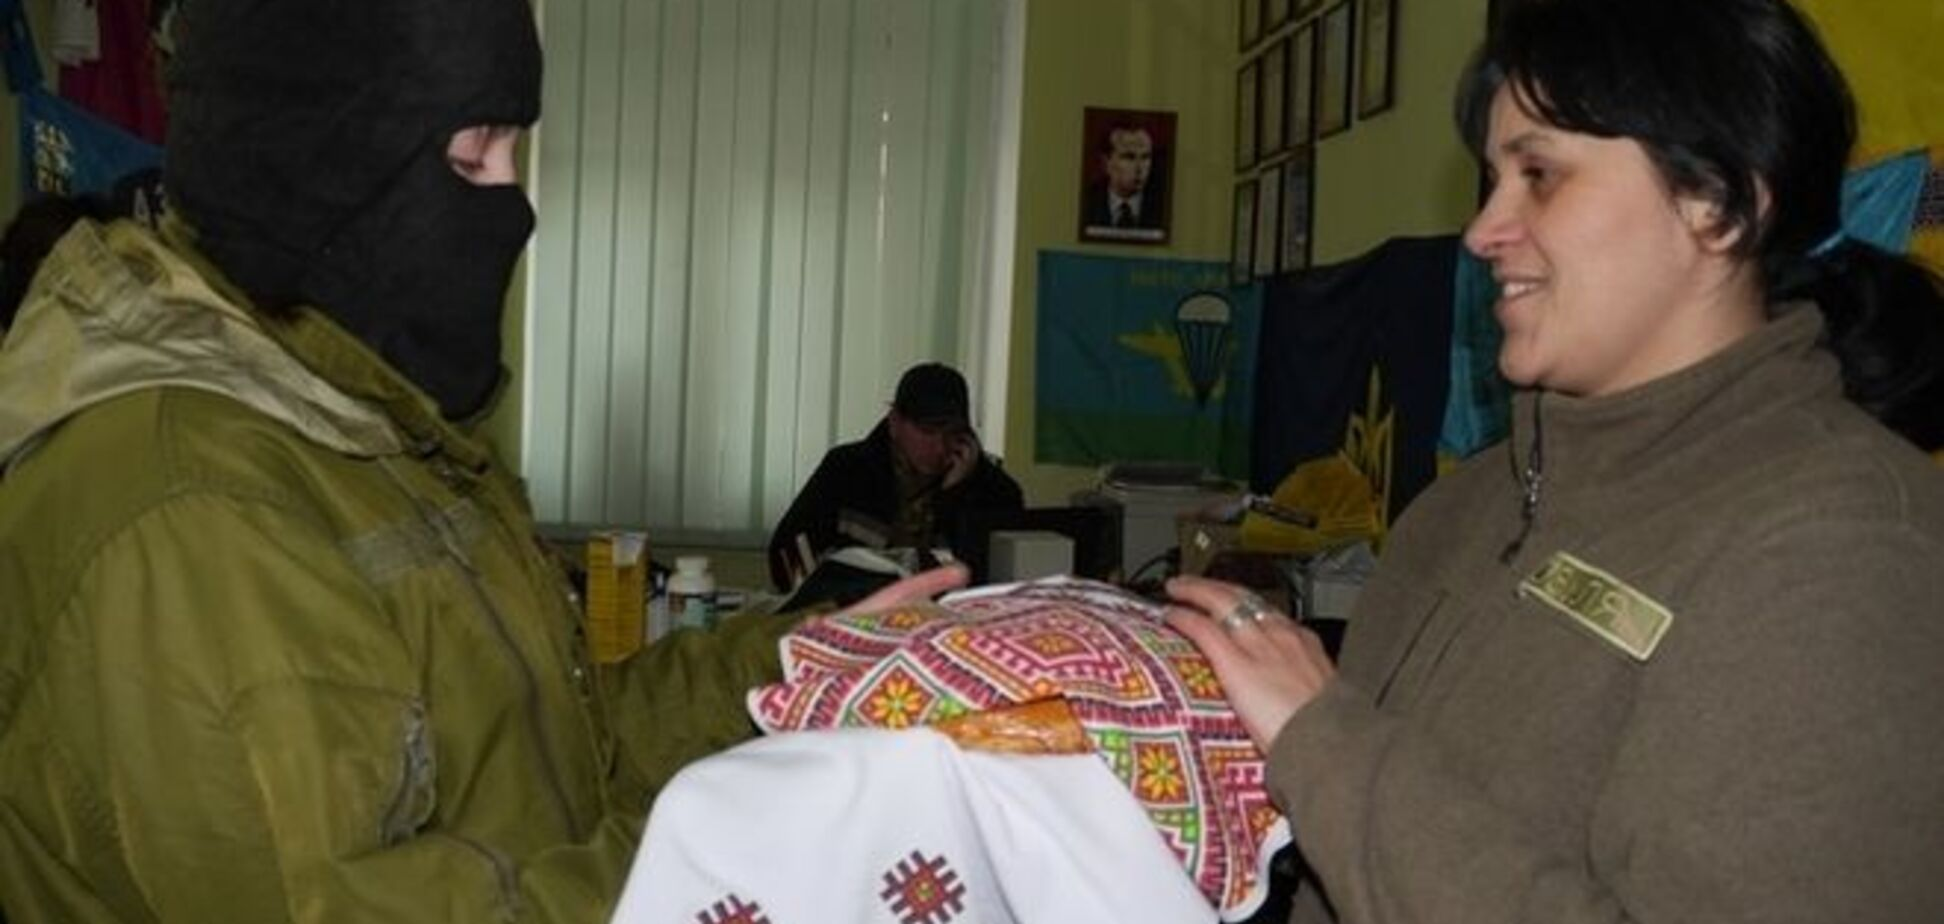 'Синичка' едет в Пески: 23-летняя девушка из Тернополя пошла добровольцем в зону АТО